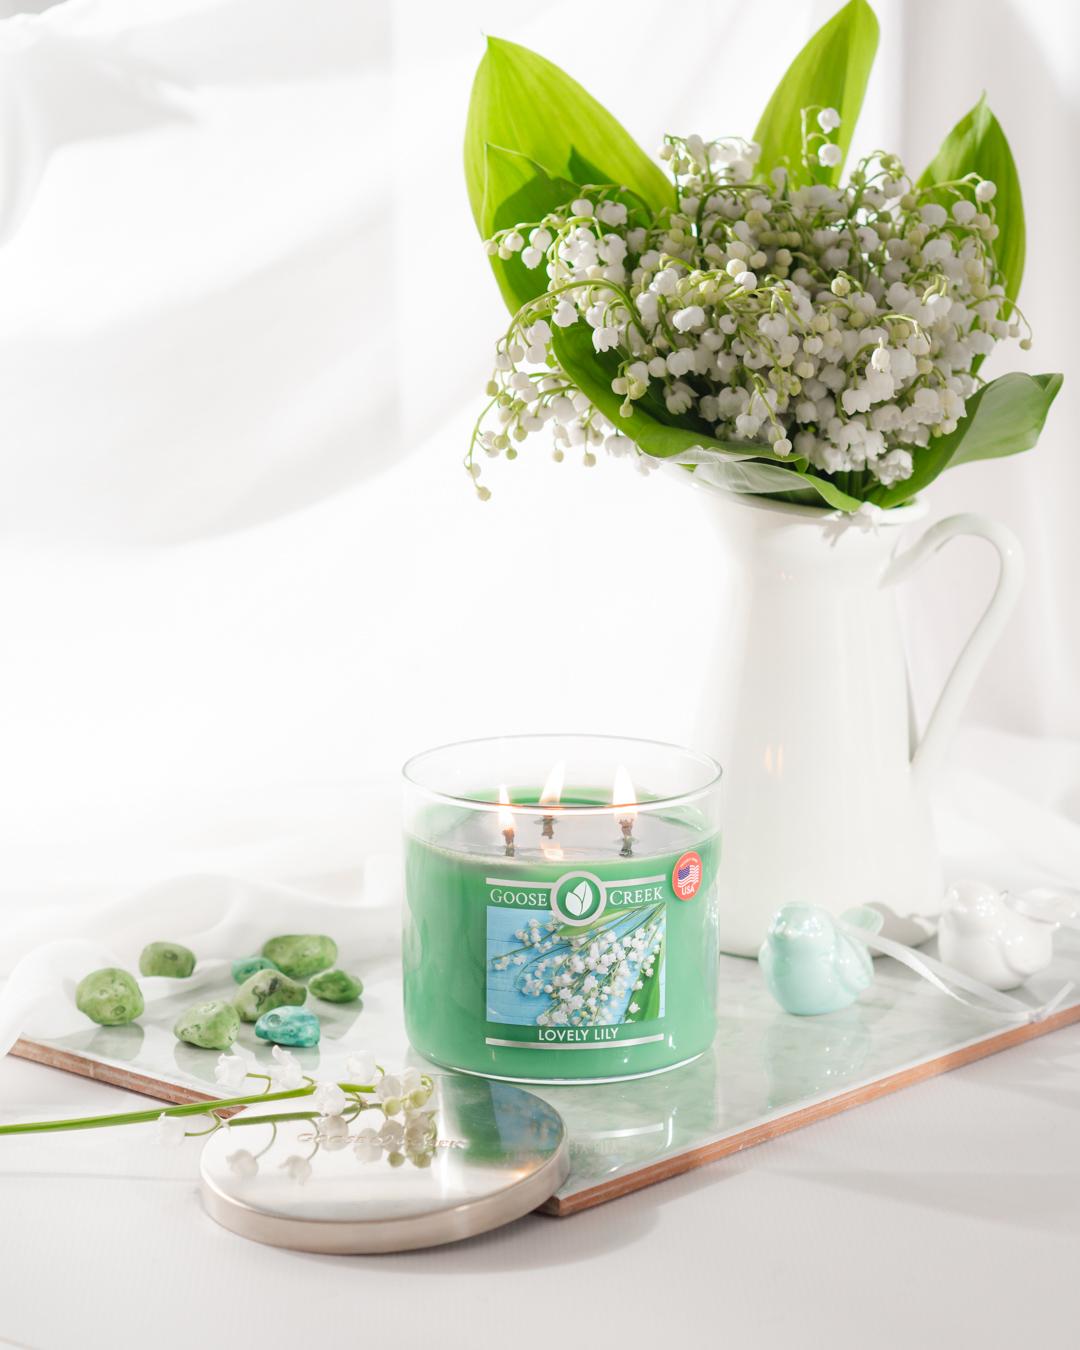 świeca zapachowa lovely lily z konwaliami